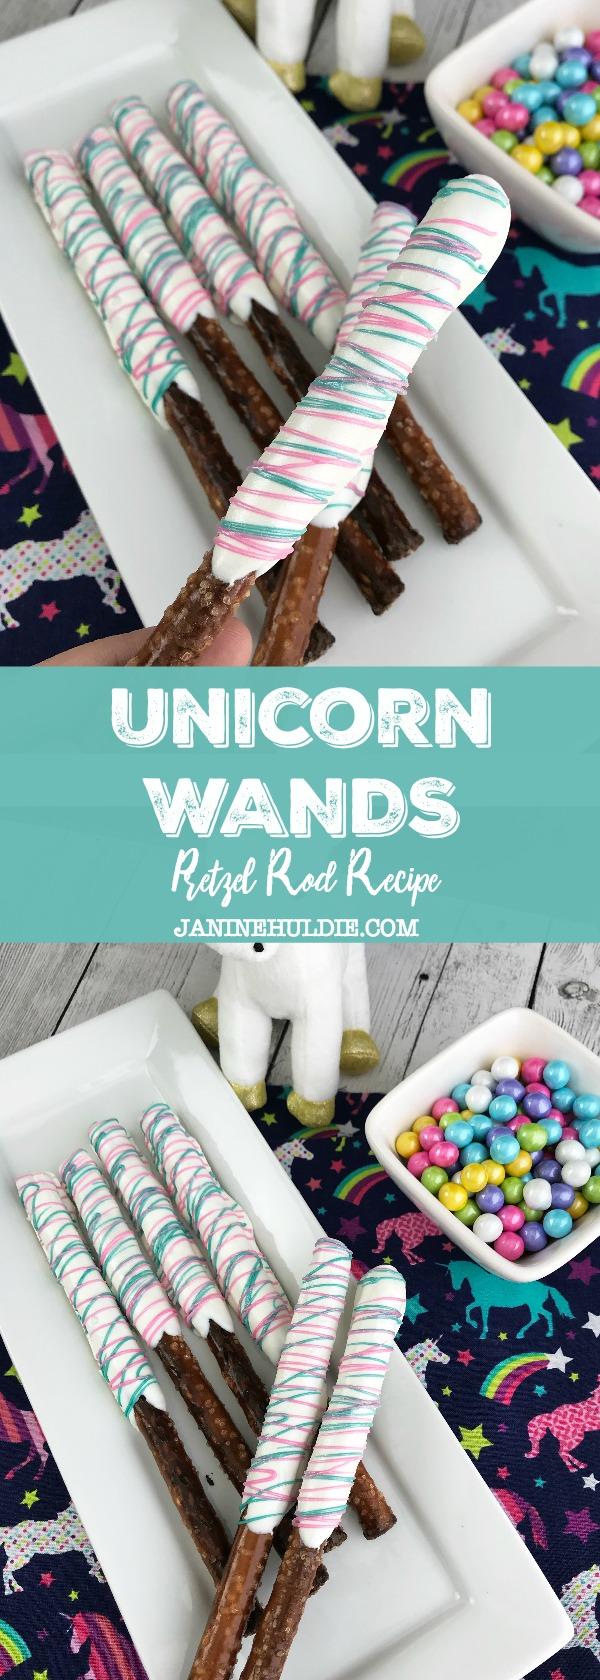 Unicorn Wands Recipe